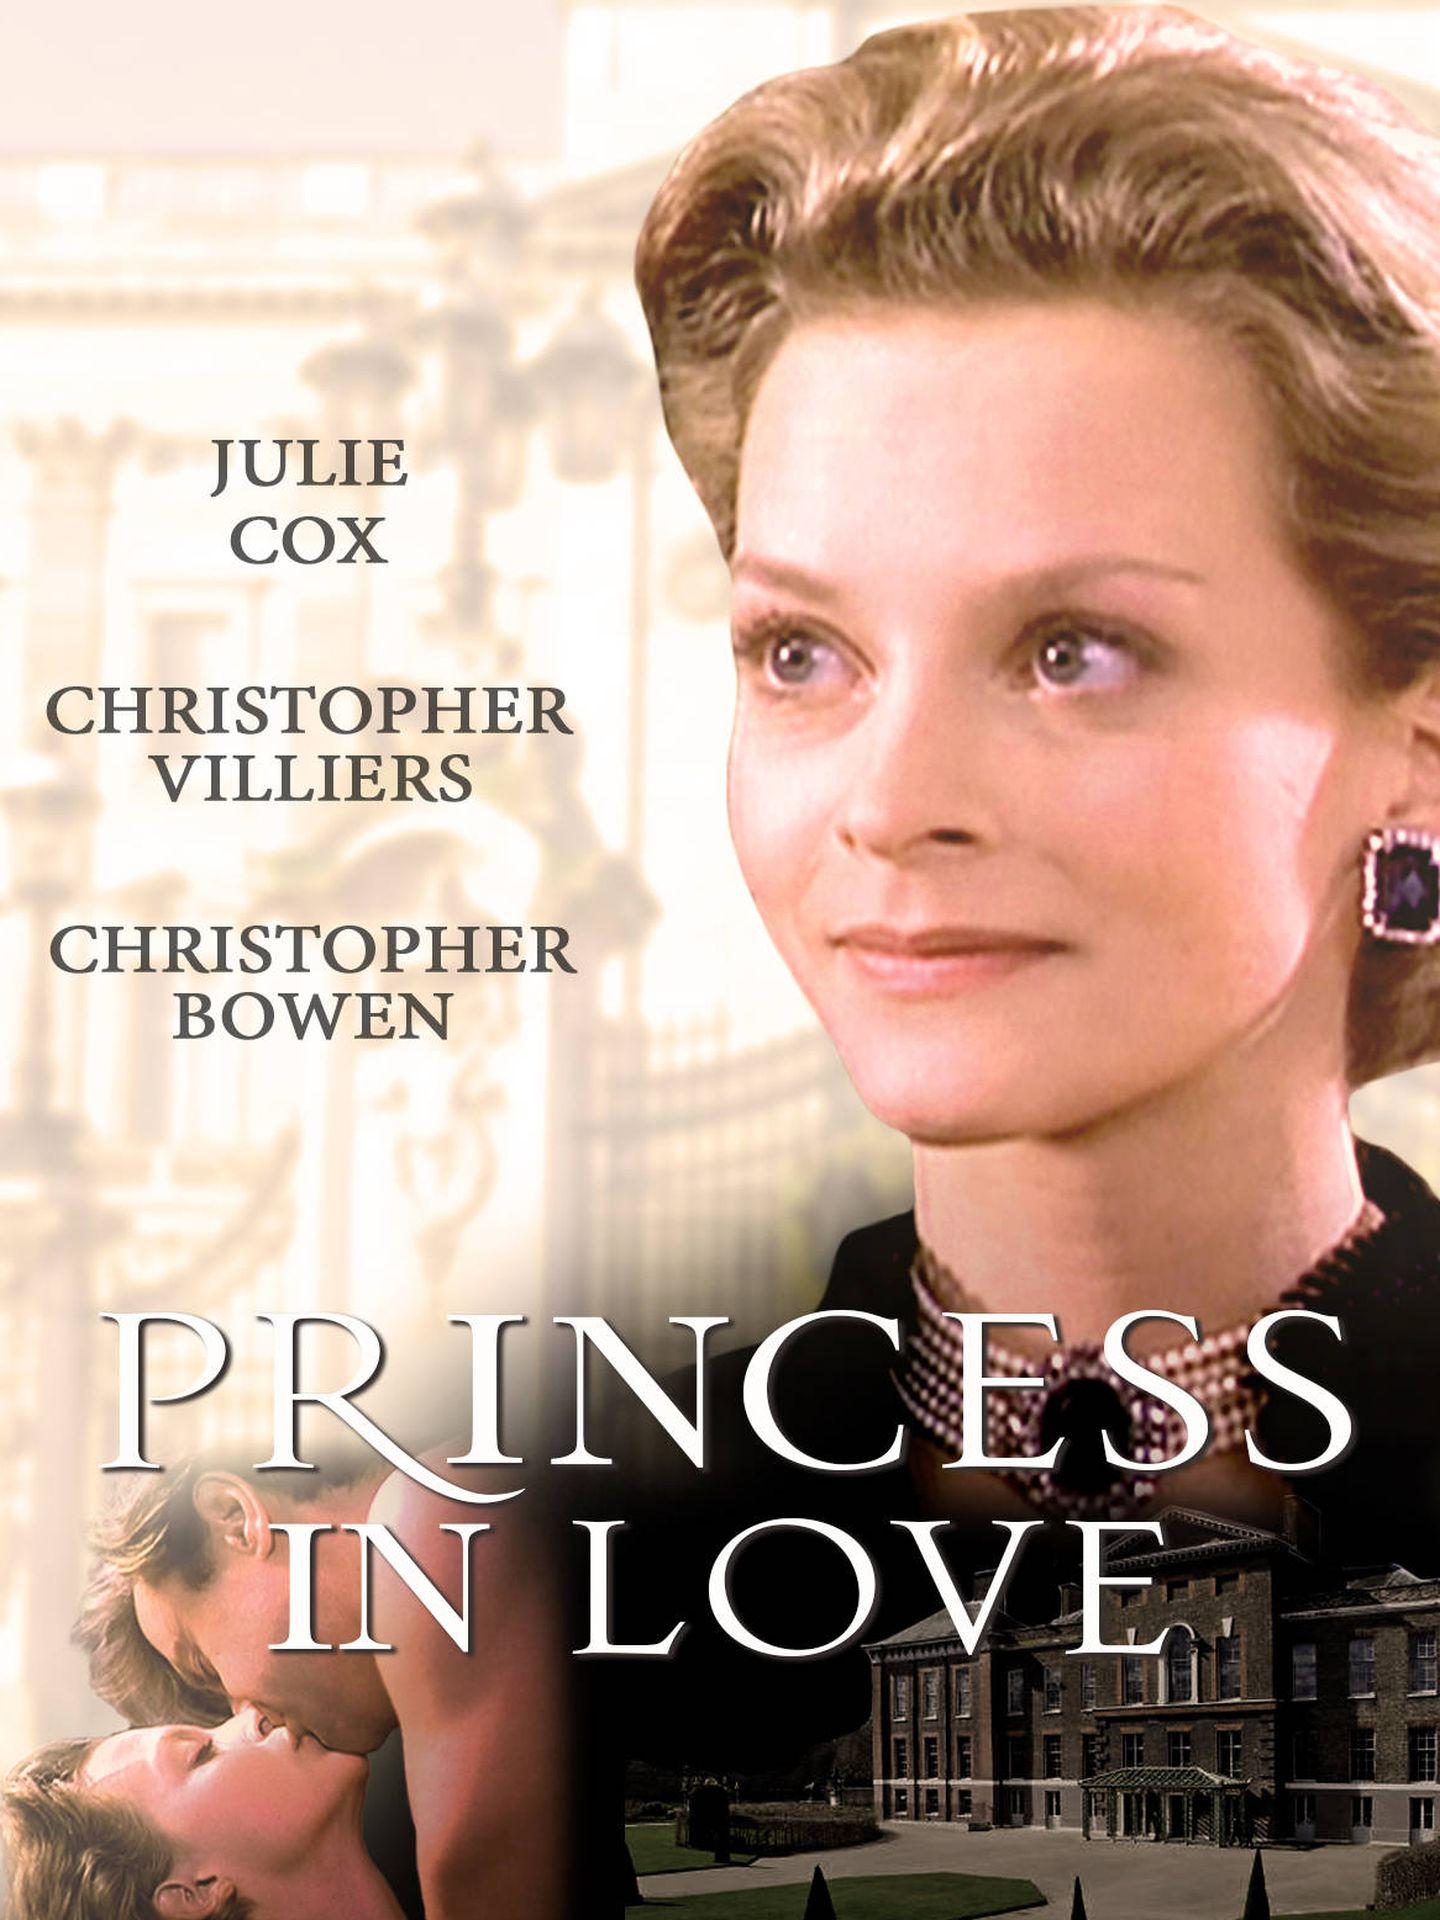 Carátula de la película.